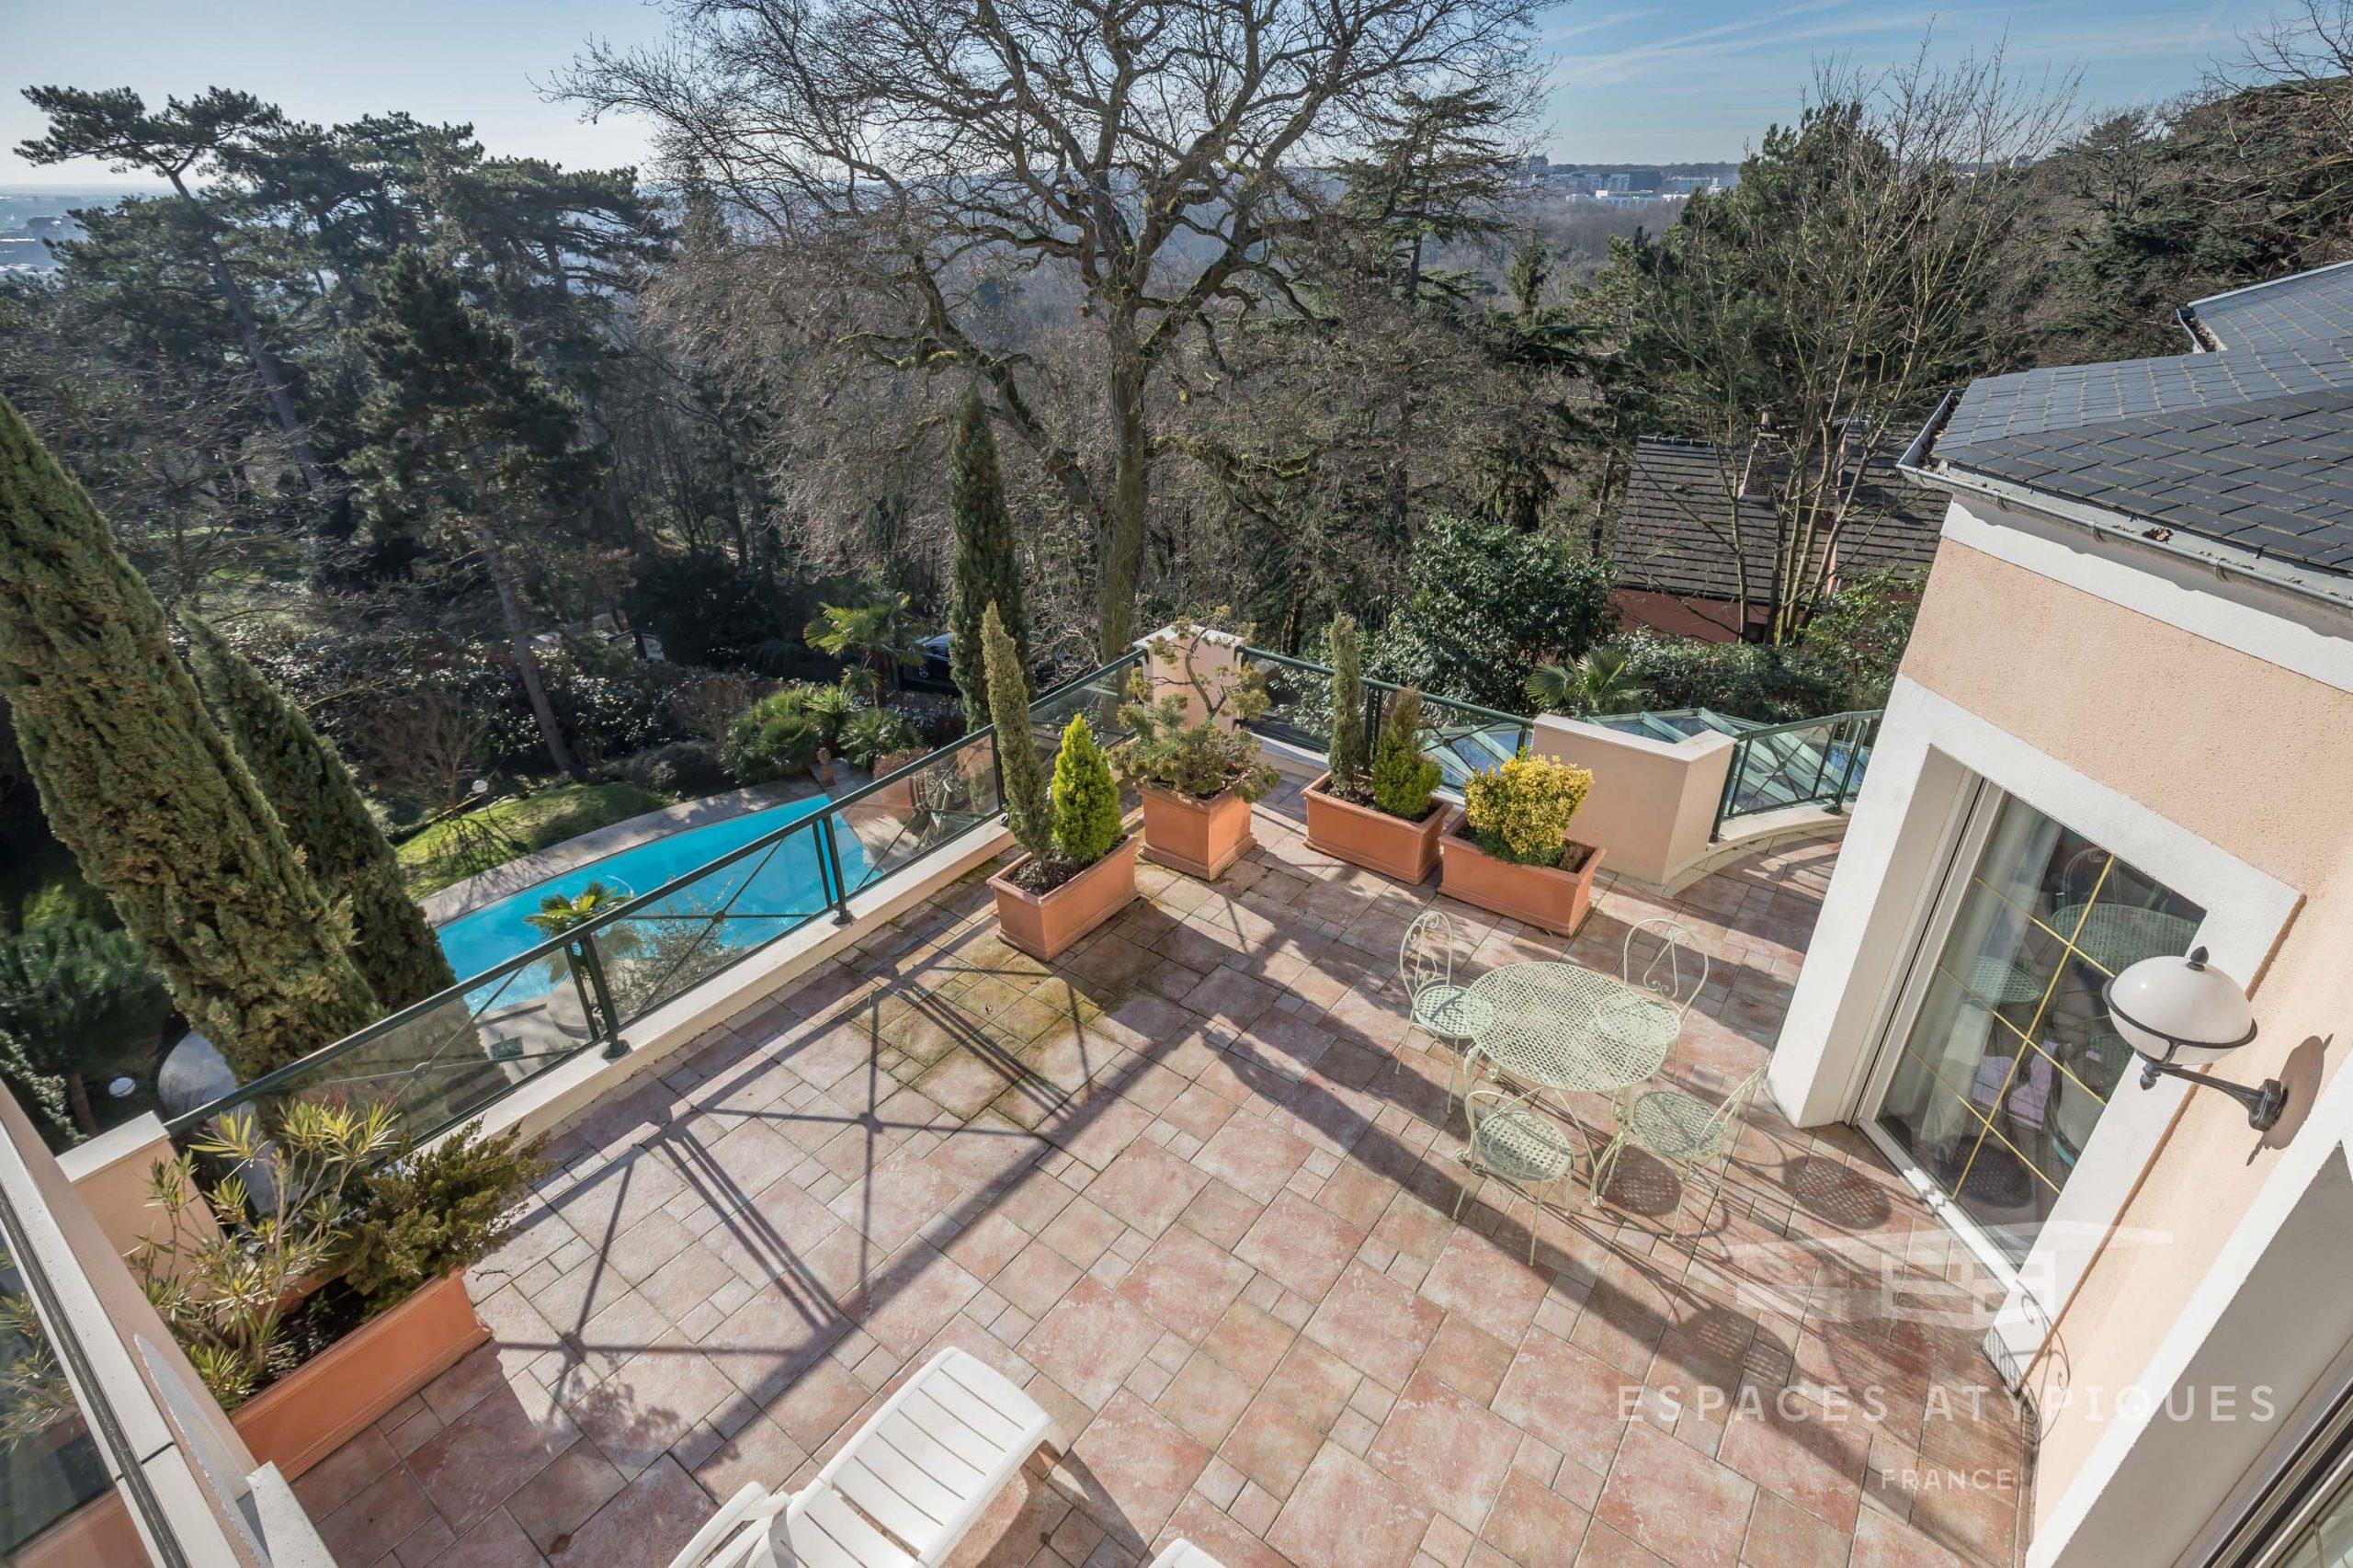 Villa Mixte Avec Terrasses, Jardin, Piscine Et Vue À Le ... encequiconcerne Piscine Plessis Robinson